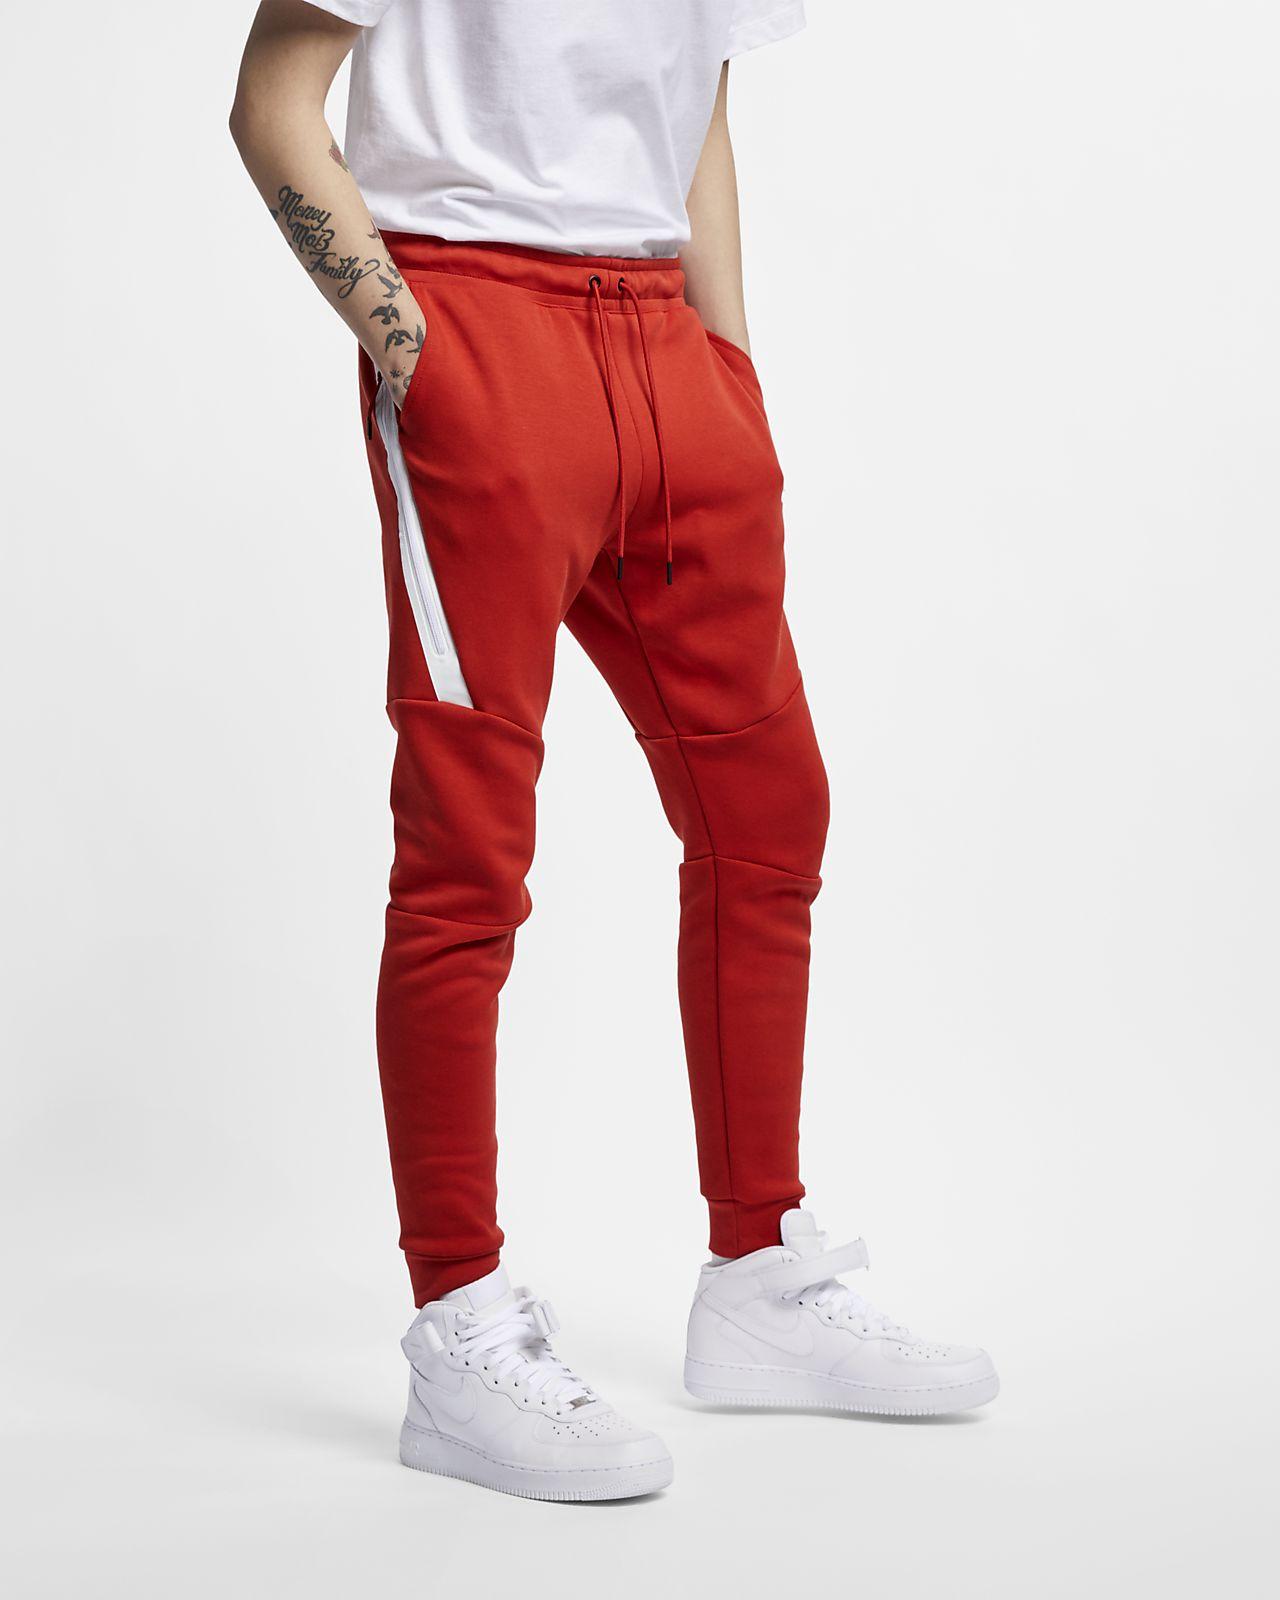 Nike Sportswear Tech Fleece Men's Joggers